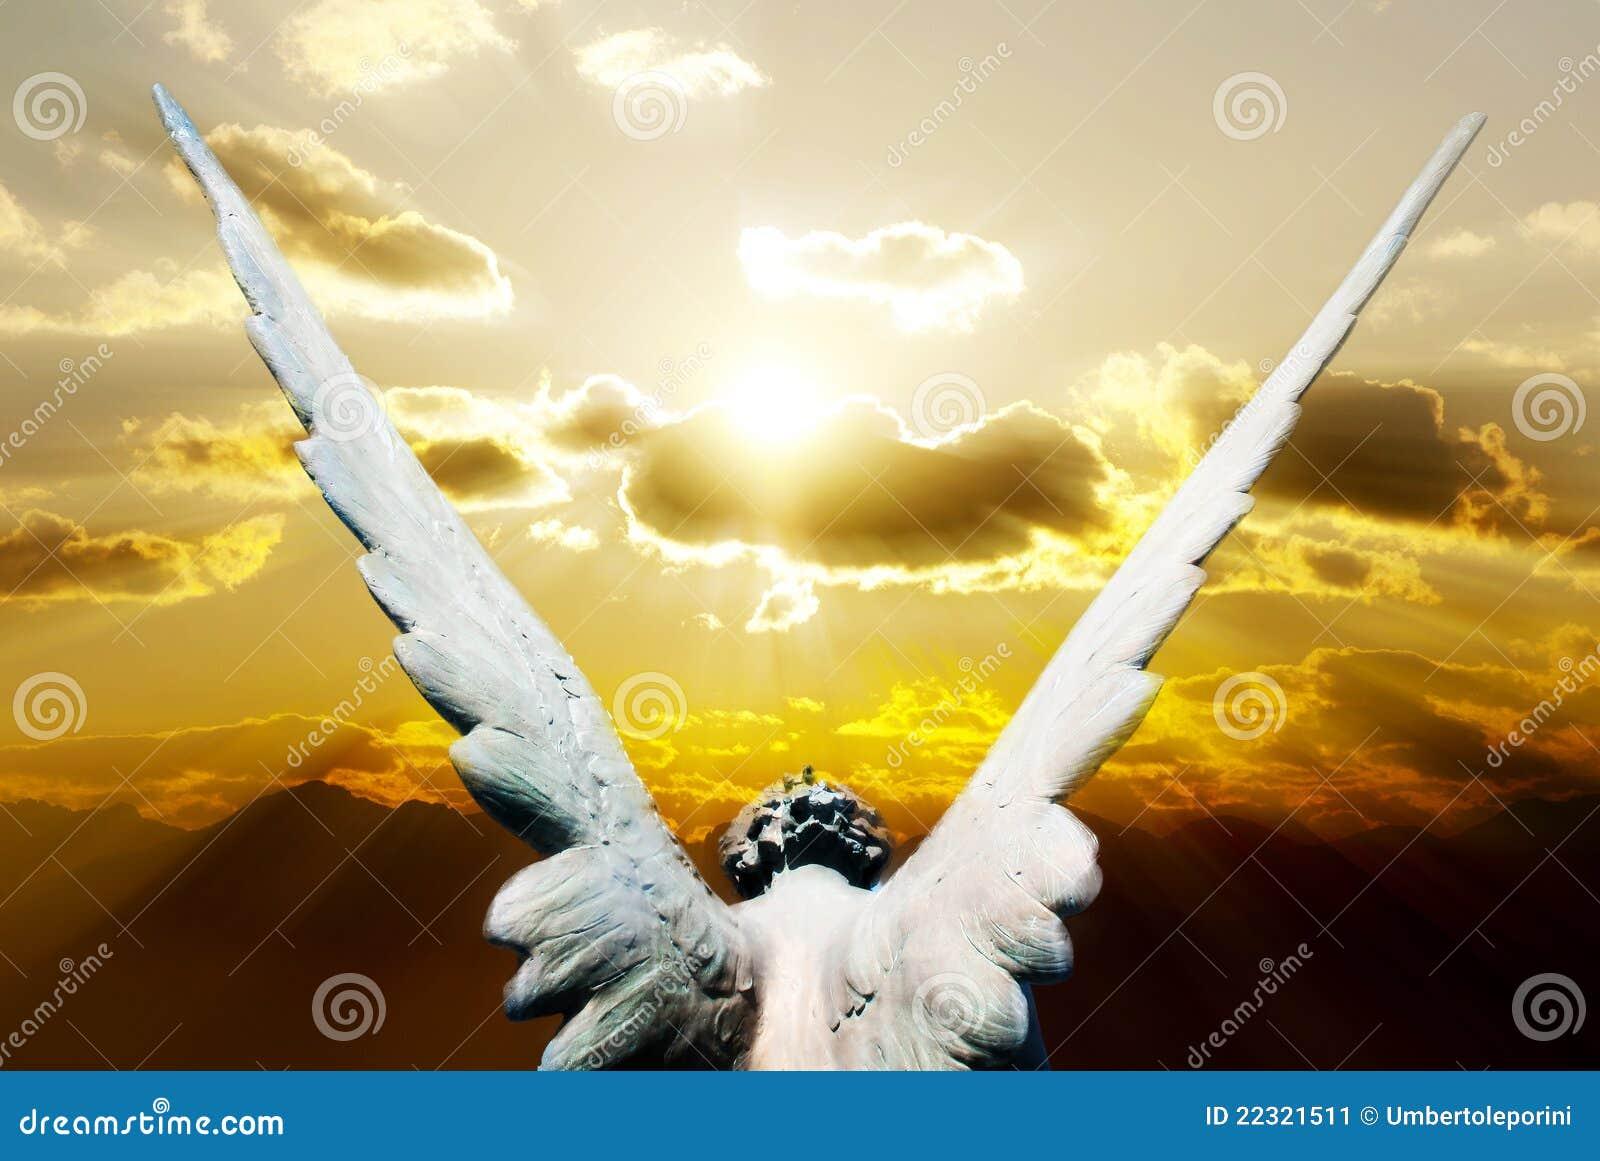 άγγελος s εμφάνισης